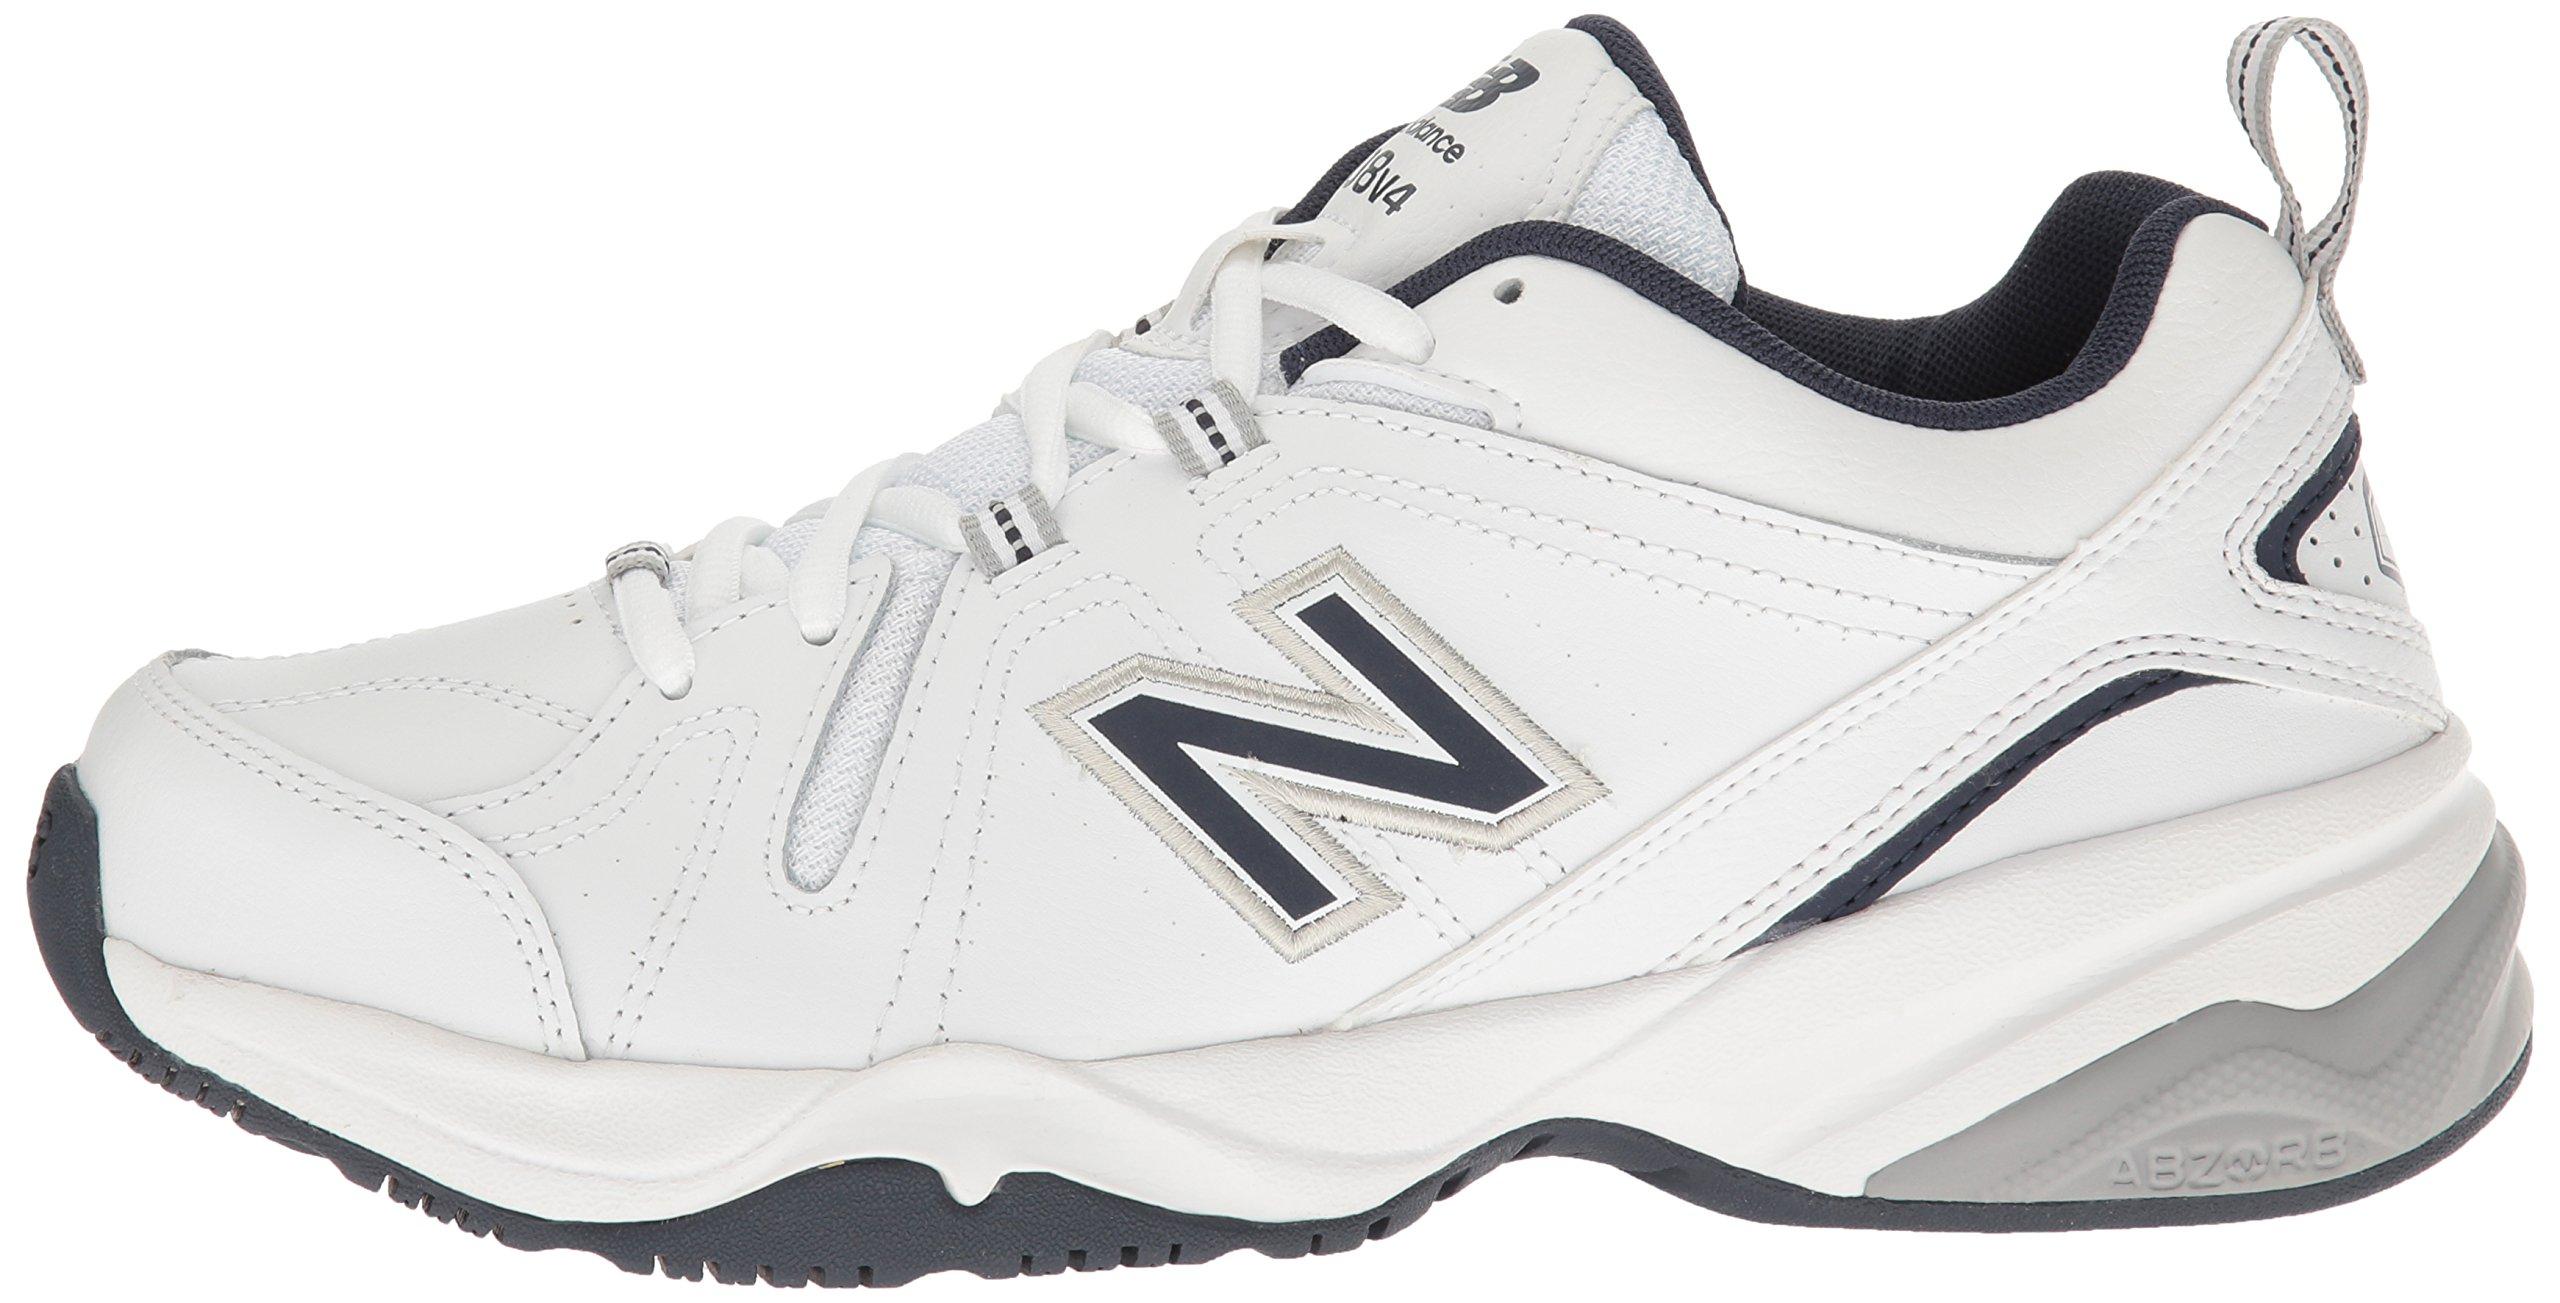 New Balance Men's MX608v4 Training Shoe, White/Navy, 7.5 4E US by New Balance (Image #5)